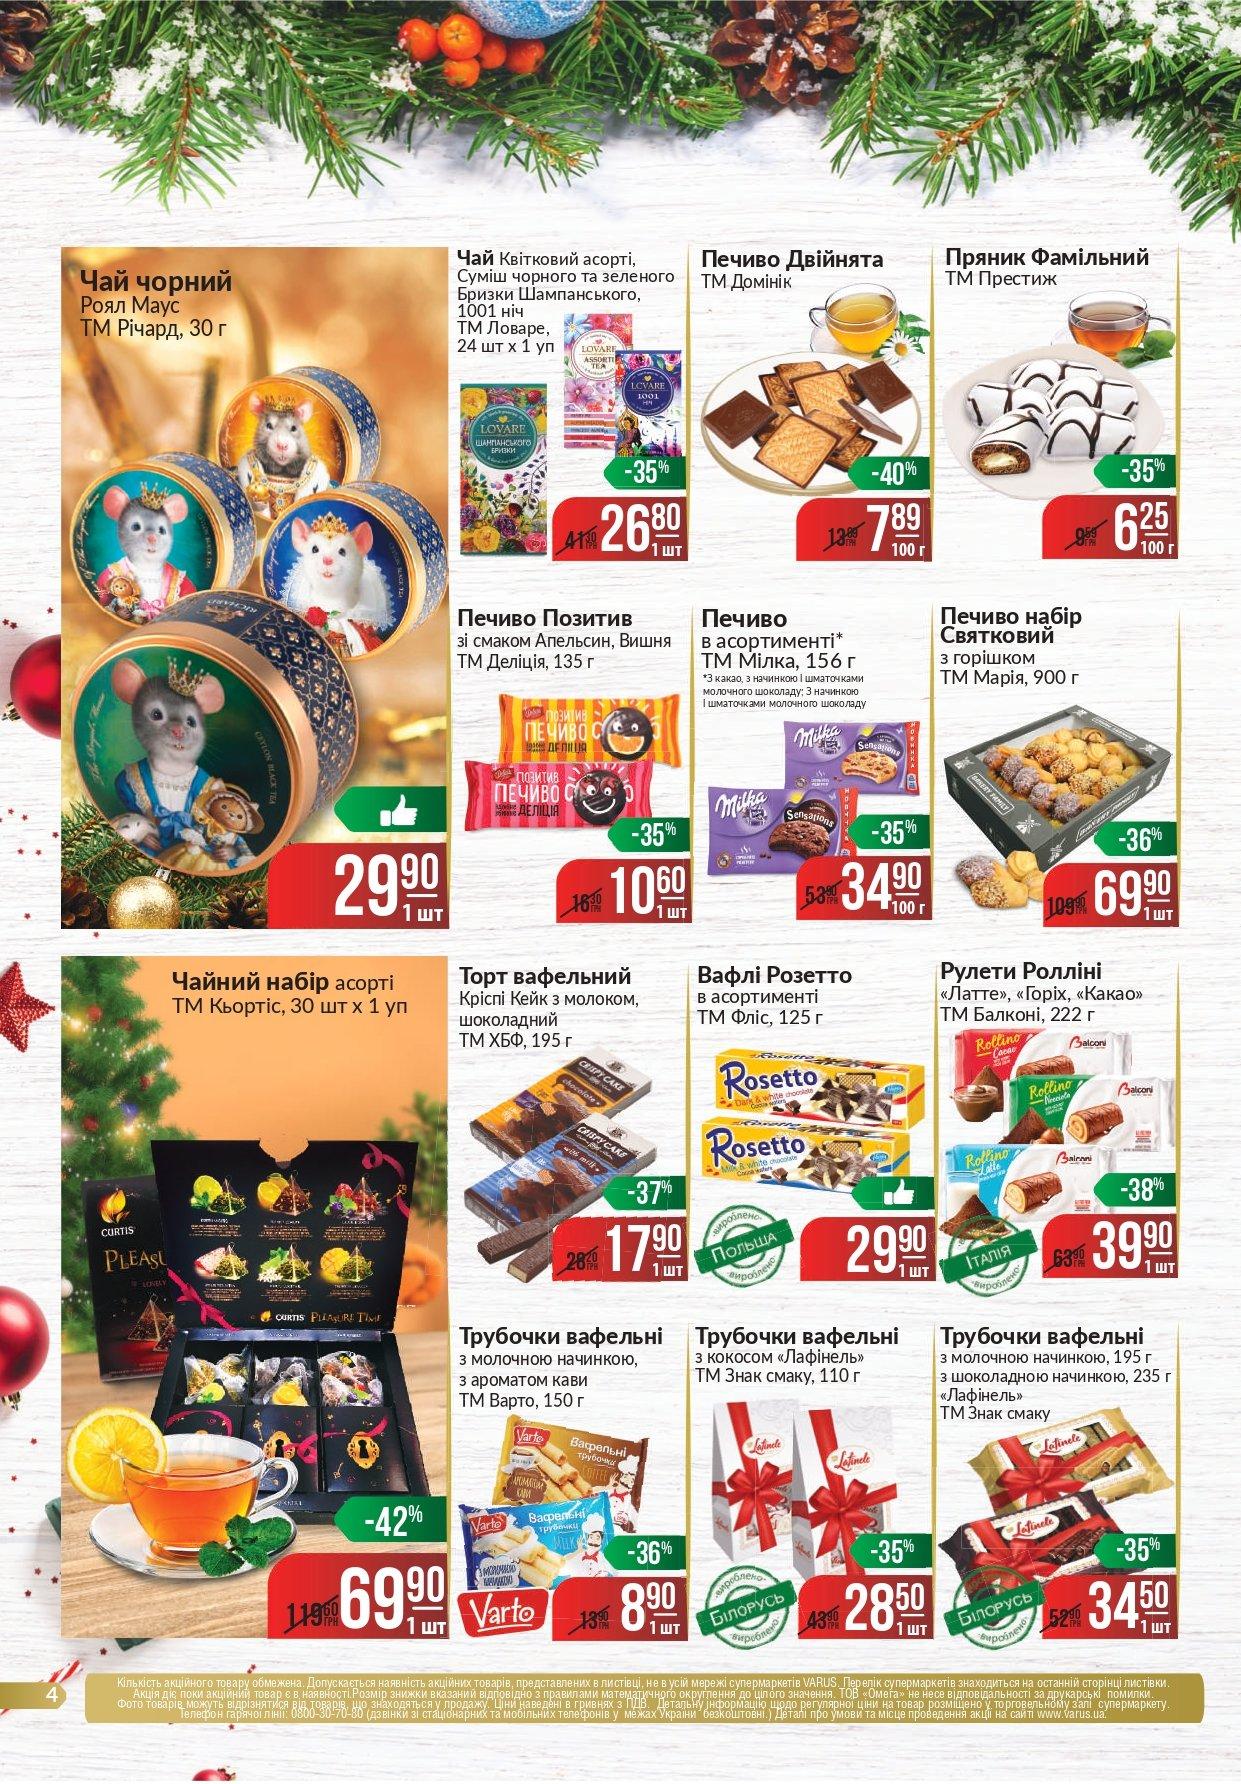 Делаем покупки к Новому Году: какие акции действуют в супермаркетах Днепра, - ЦЕНЫ, фото-33